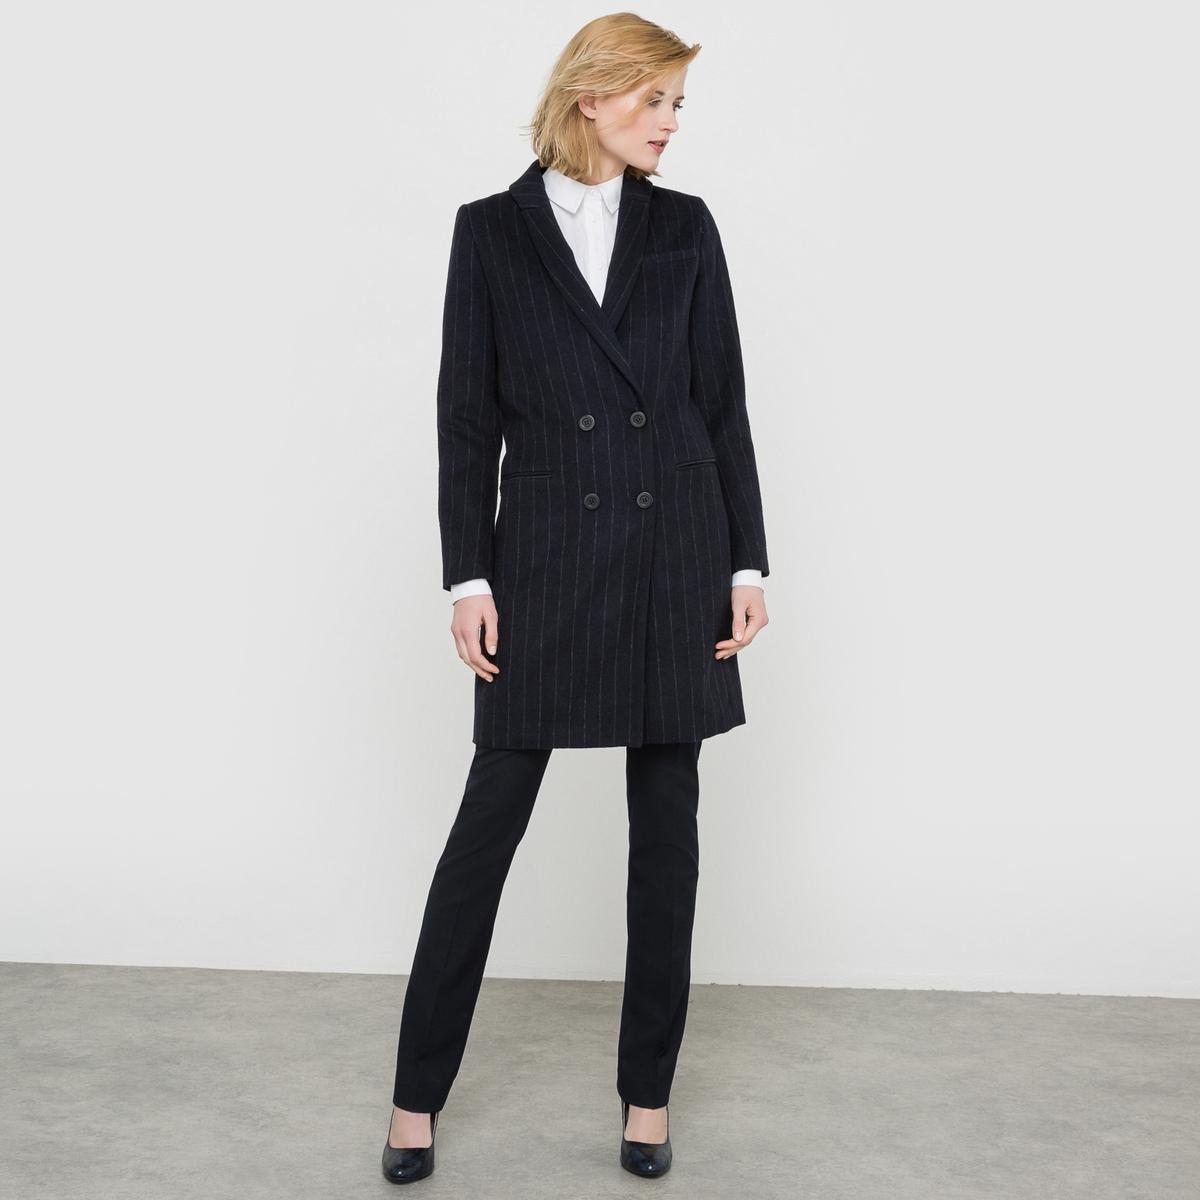 Abrigo raya diplomática, paño de lana